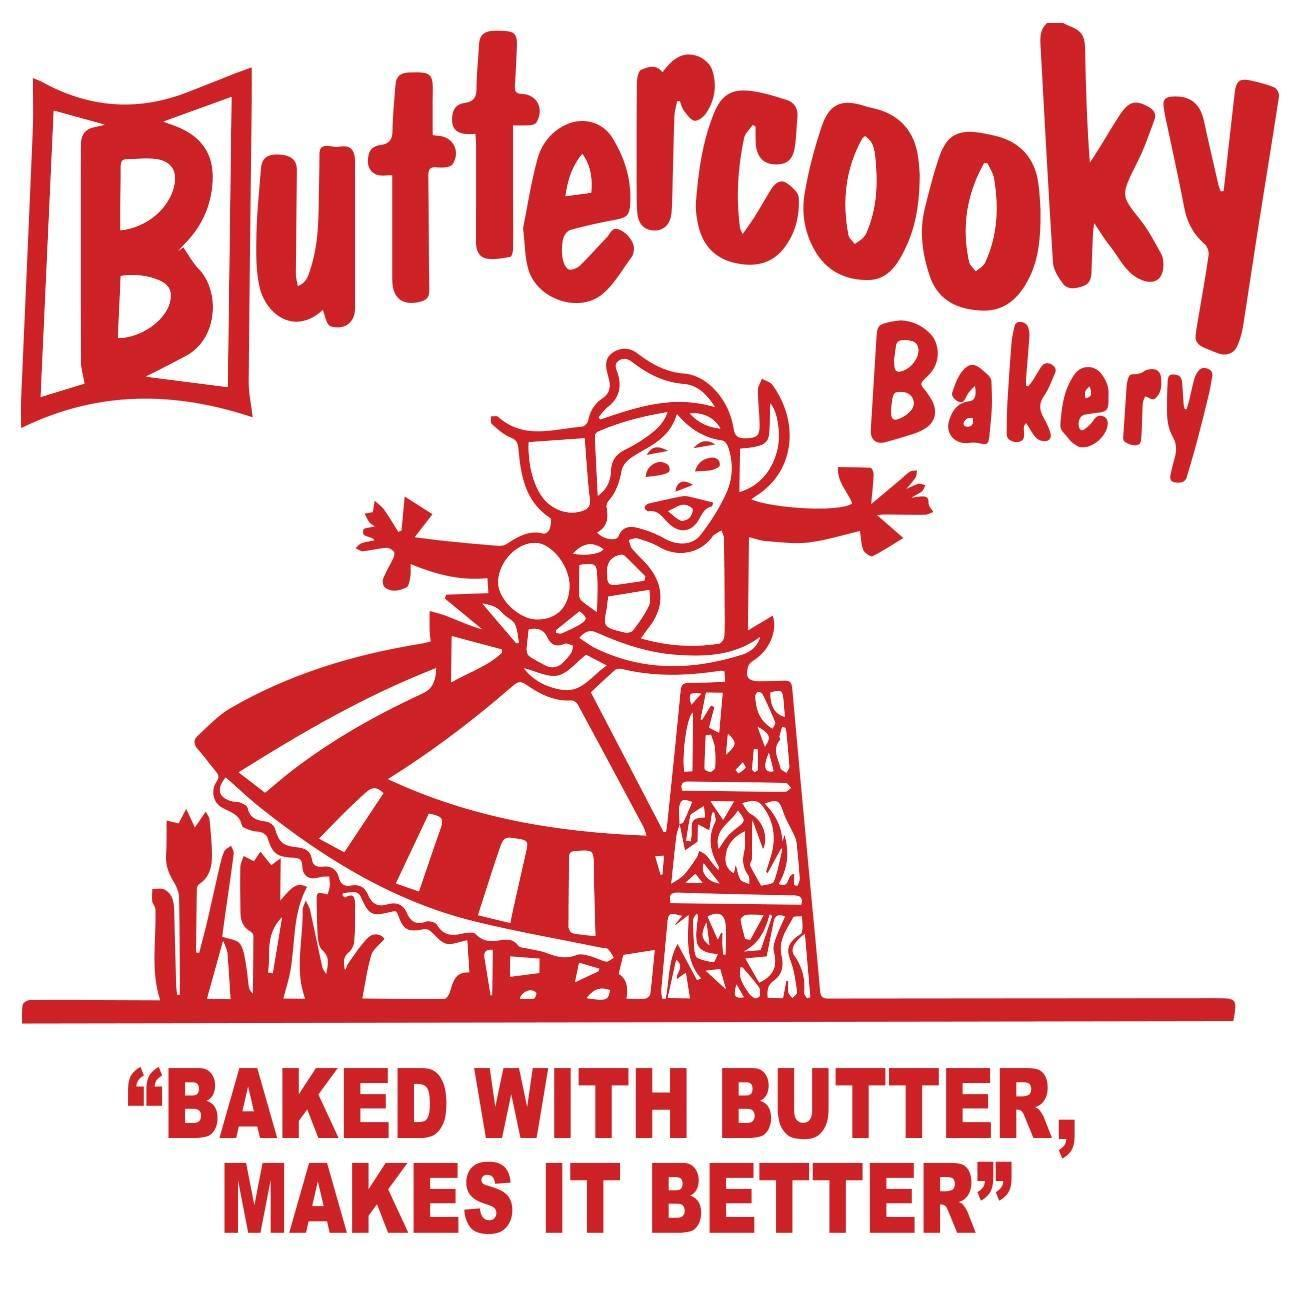 Buttercooky Bakery image 13